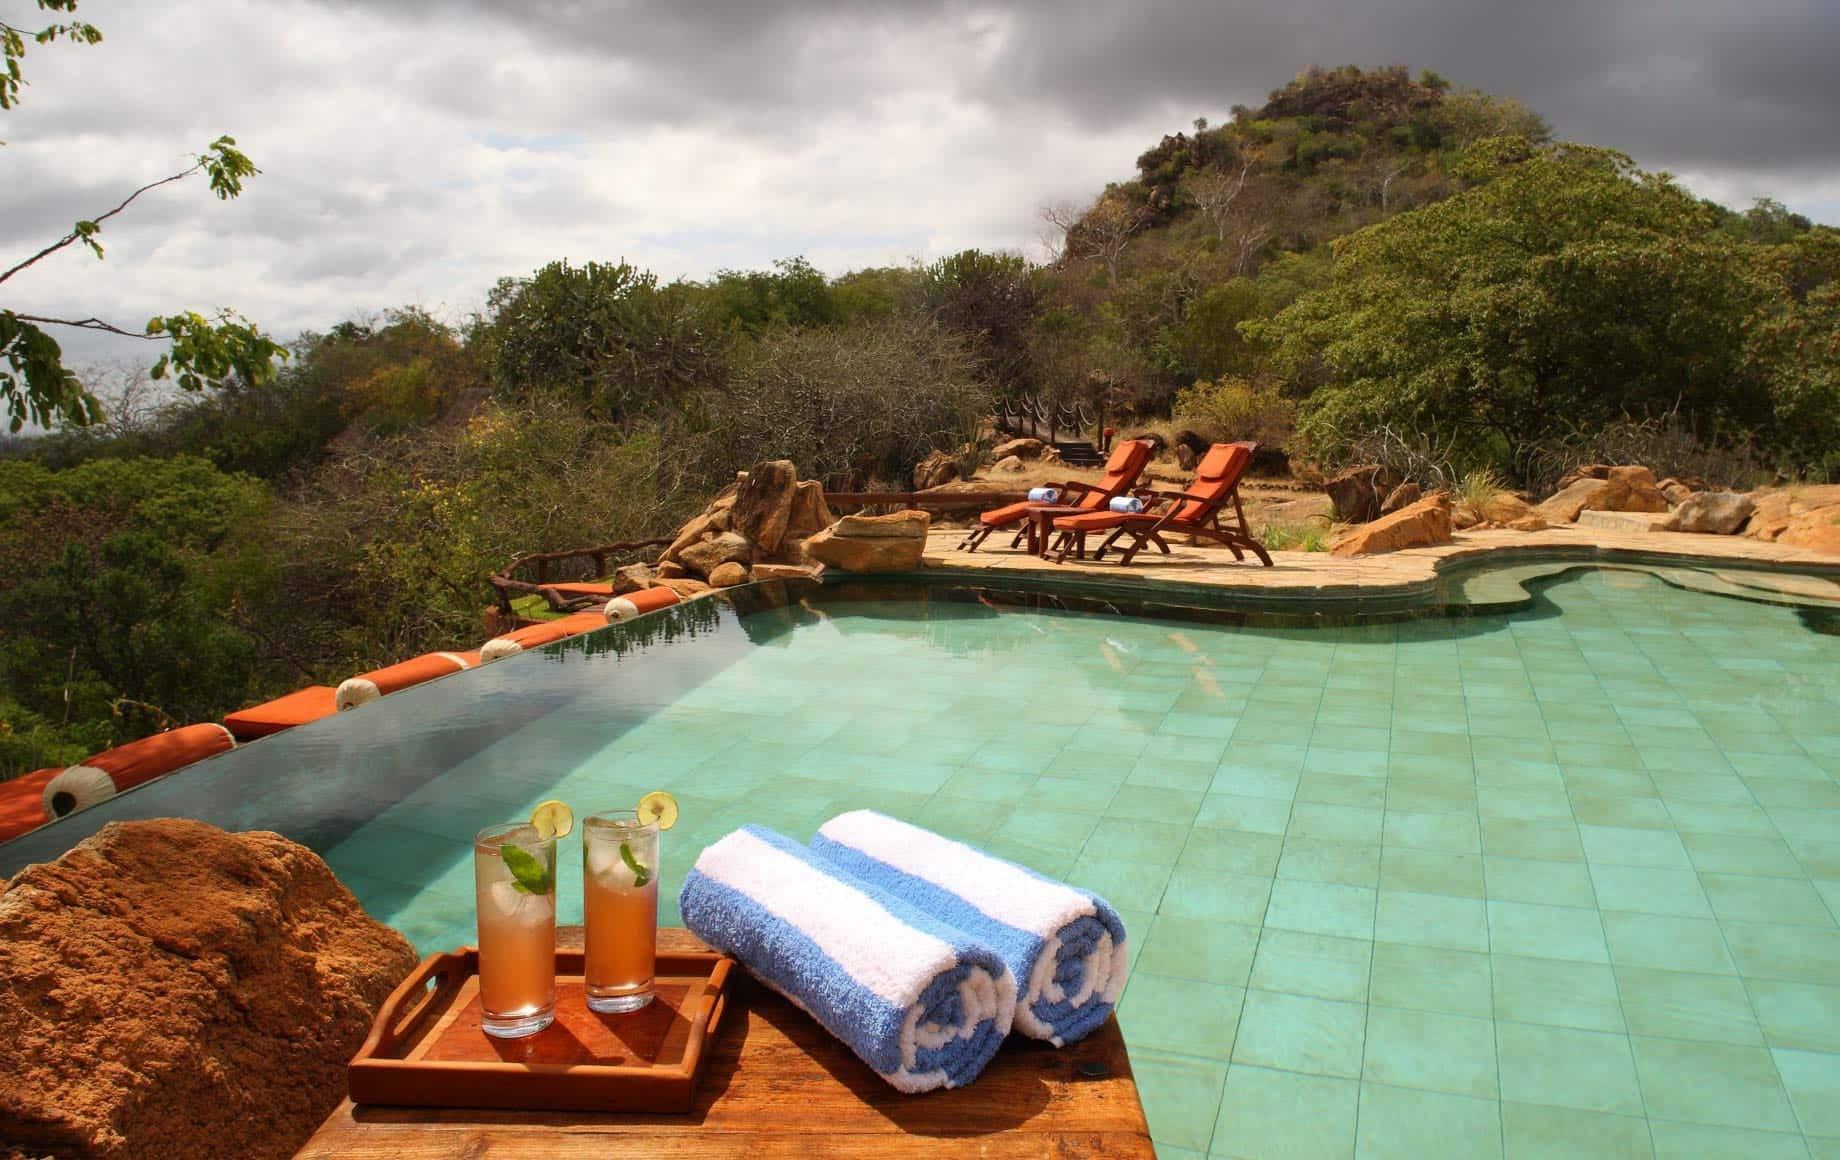 Enjoying champagne while watching sunset at Meru National Park, Kenya